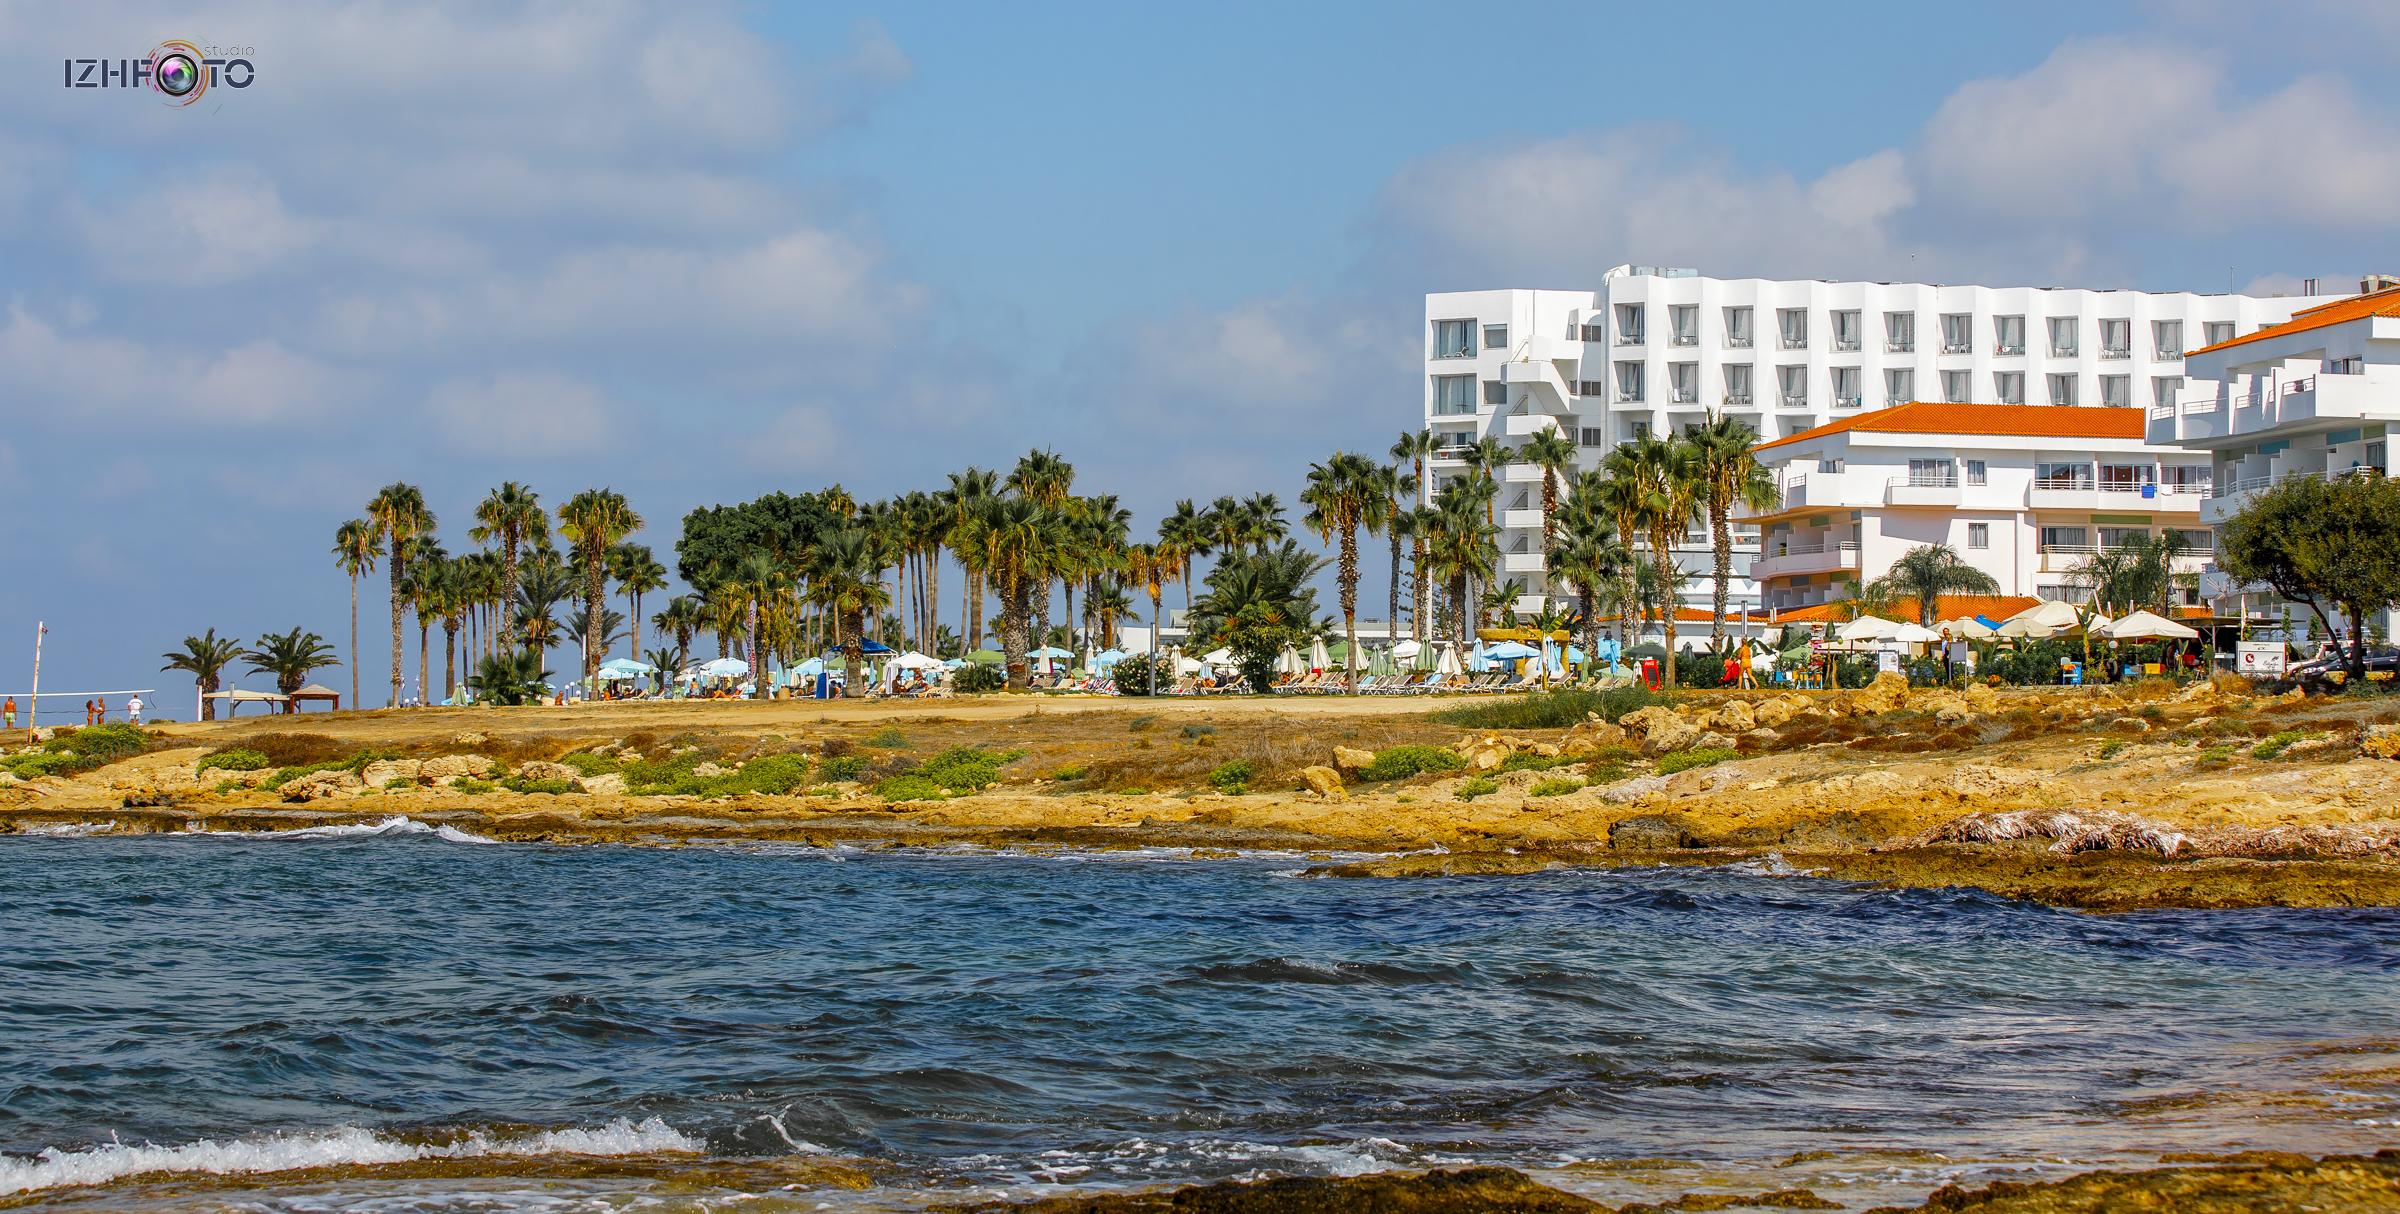 Отели, пляжи и море  в Пафосе на Кипре на фото